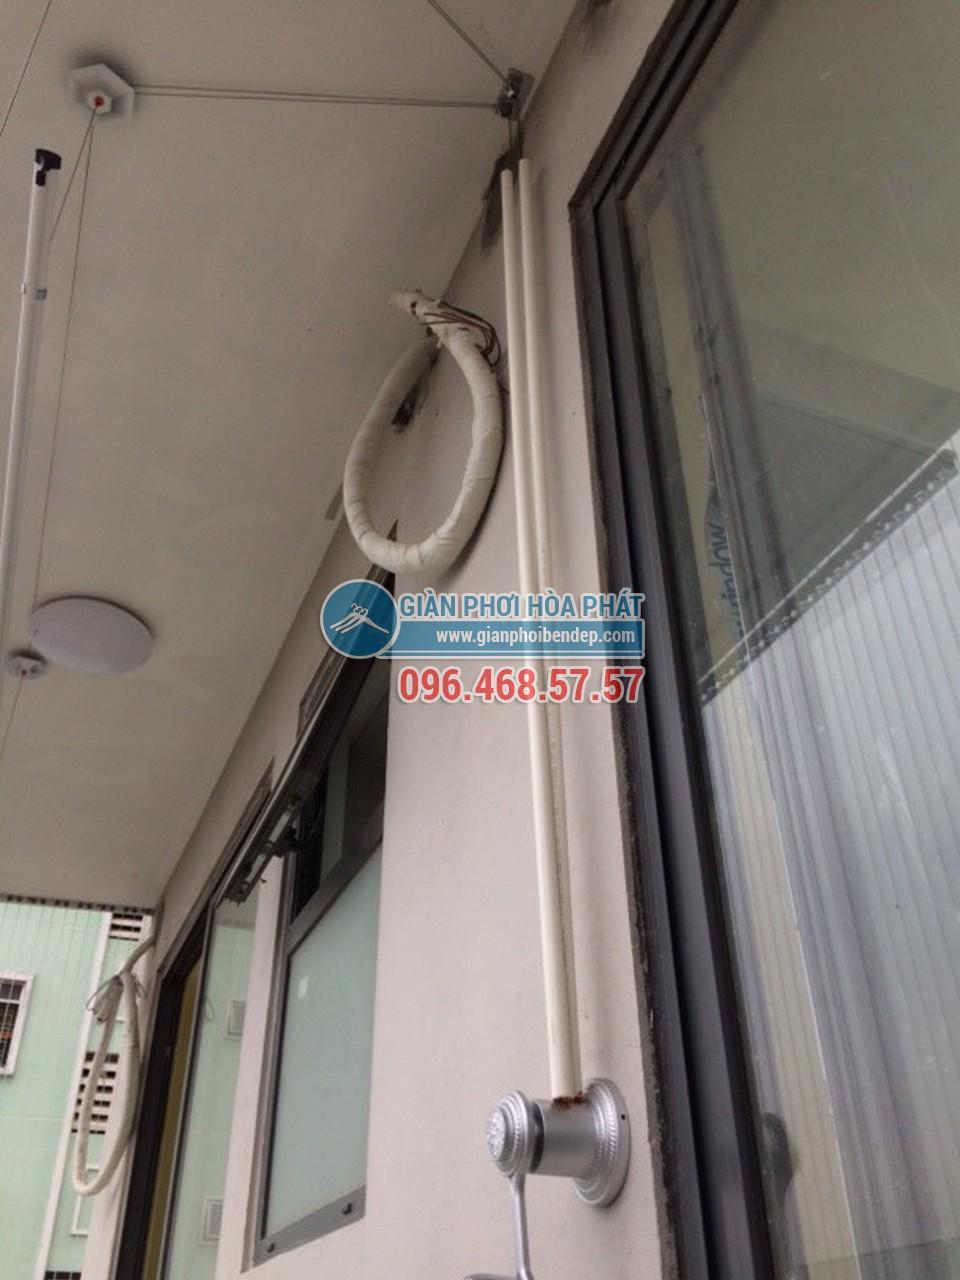 Lắp đặt giàn phơi thông minh cho ban công dài hẹp nhà anh Nam, tòa HH4 Linh Đàm - 01